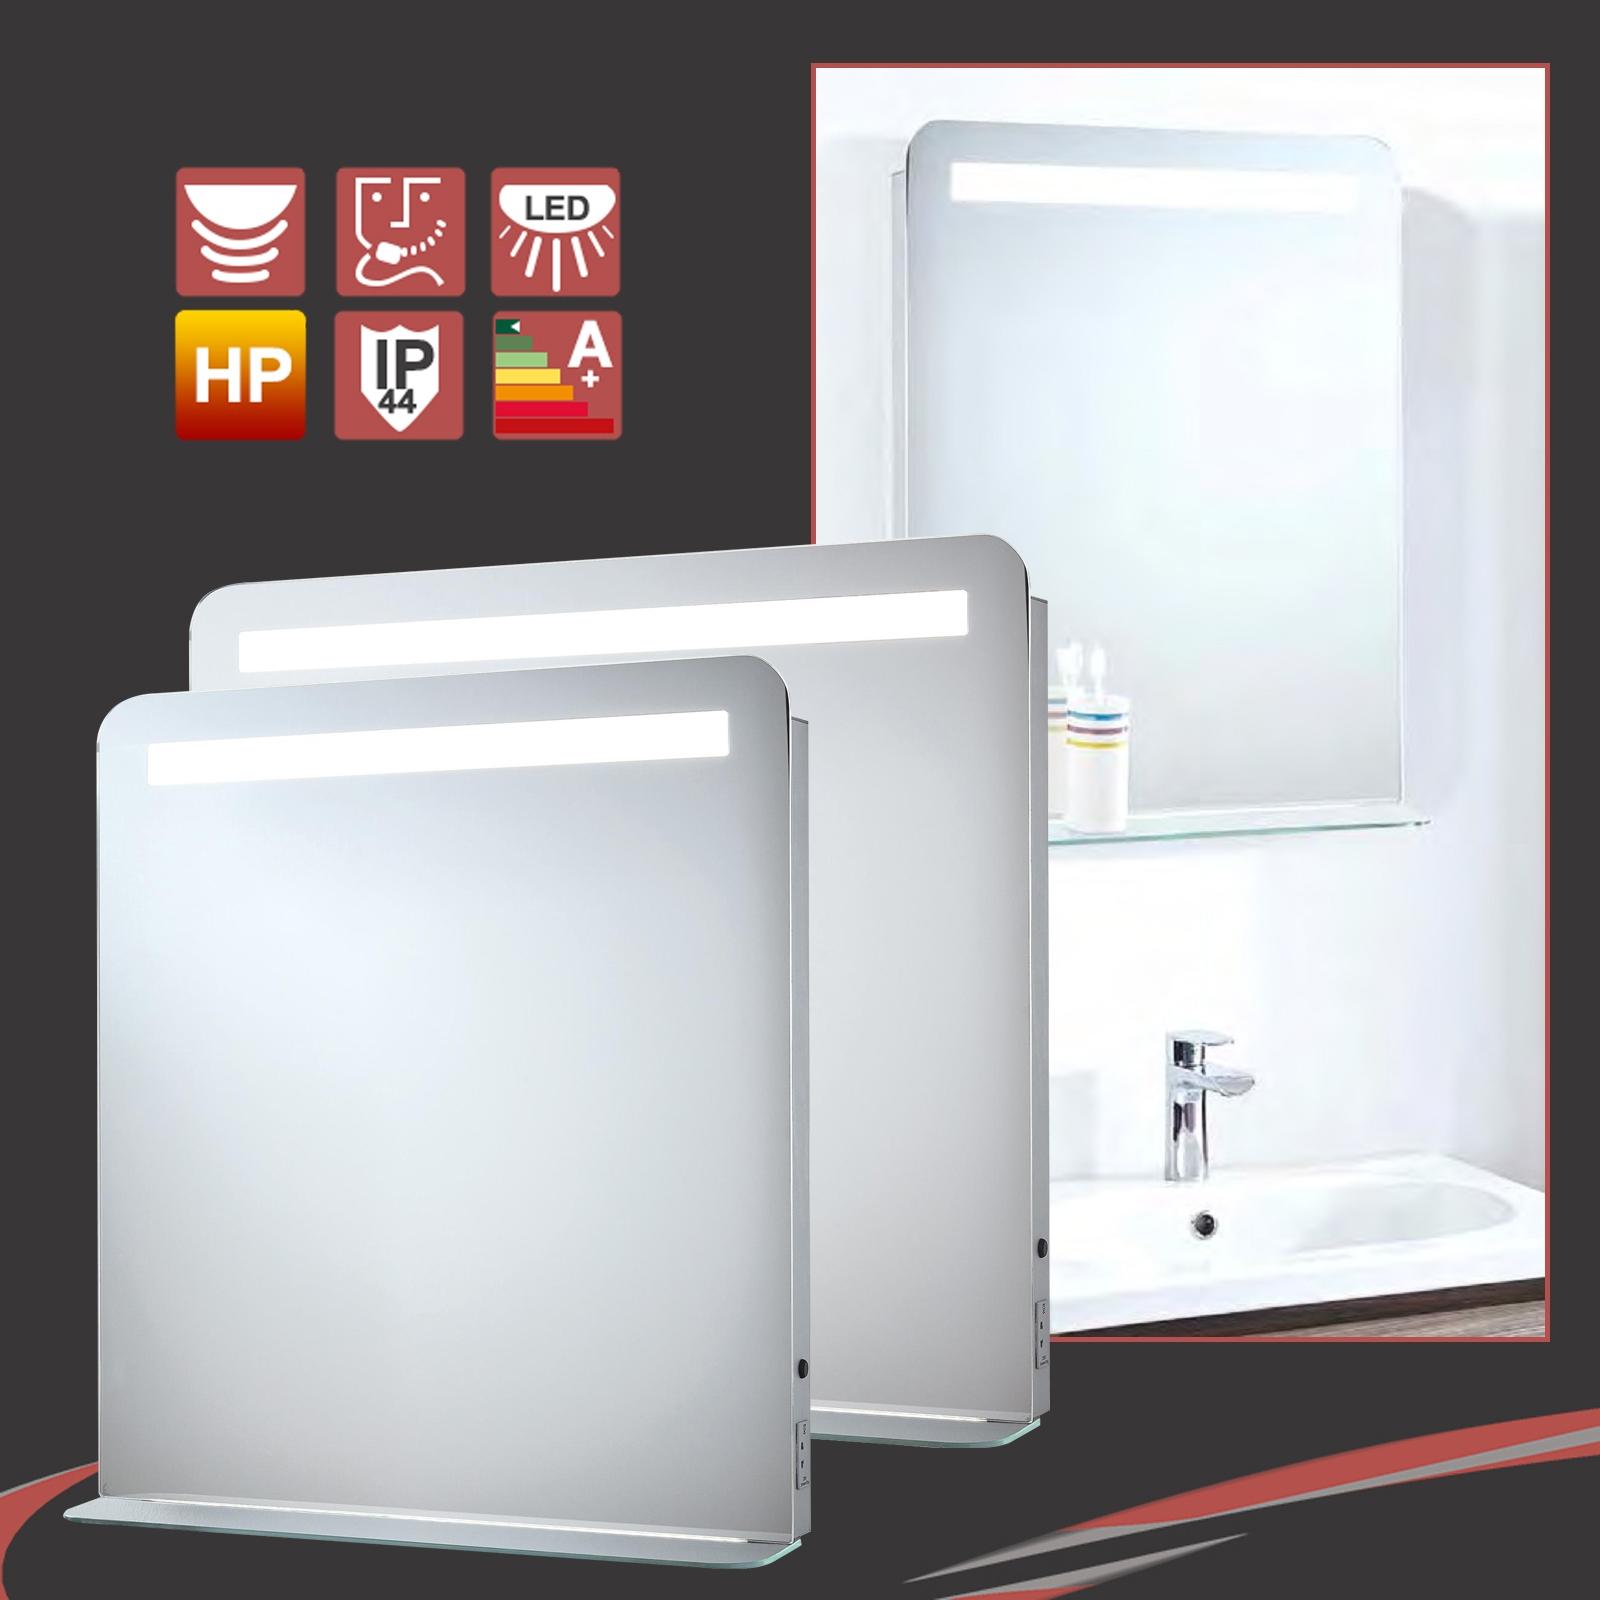 Infinity LED Designer Infra-red Bathroom Mirror